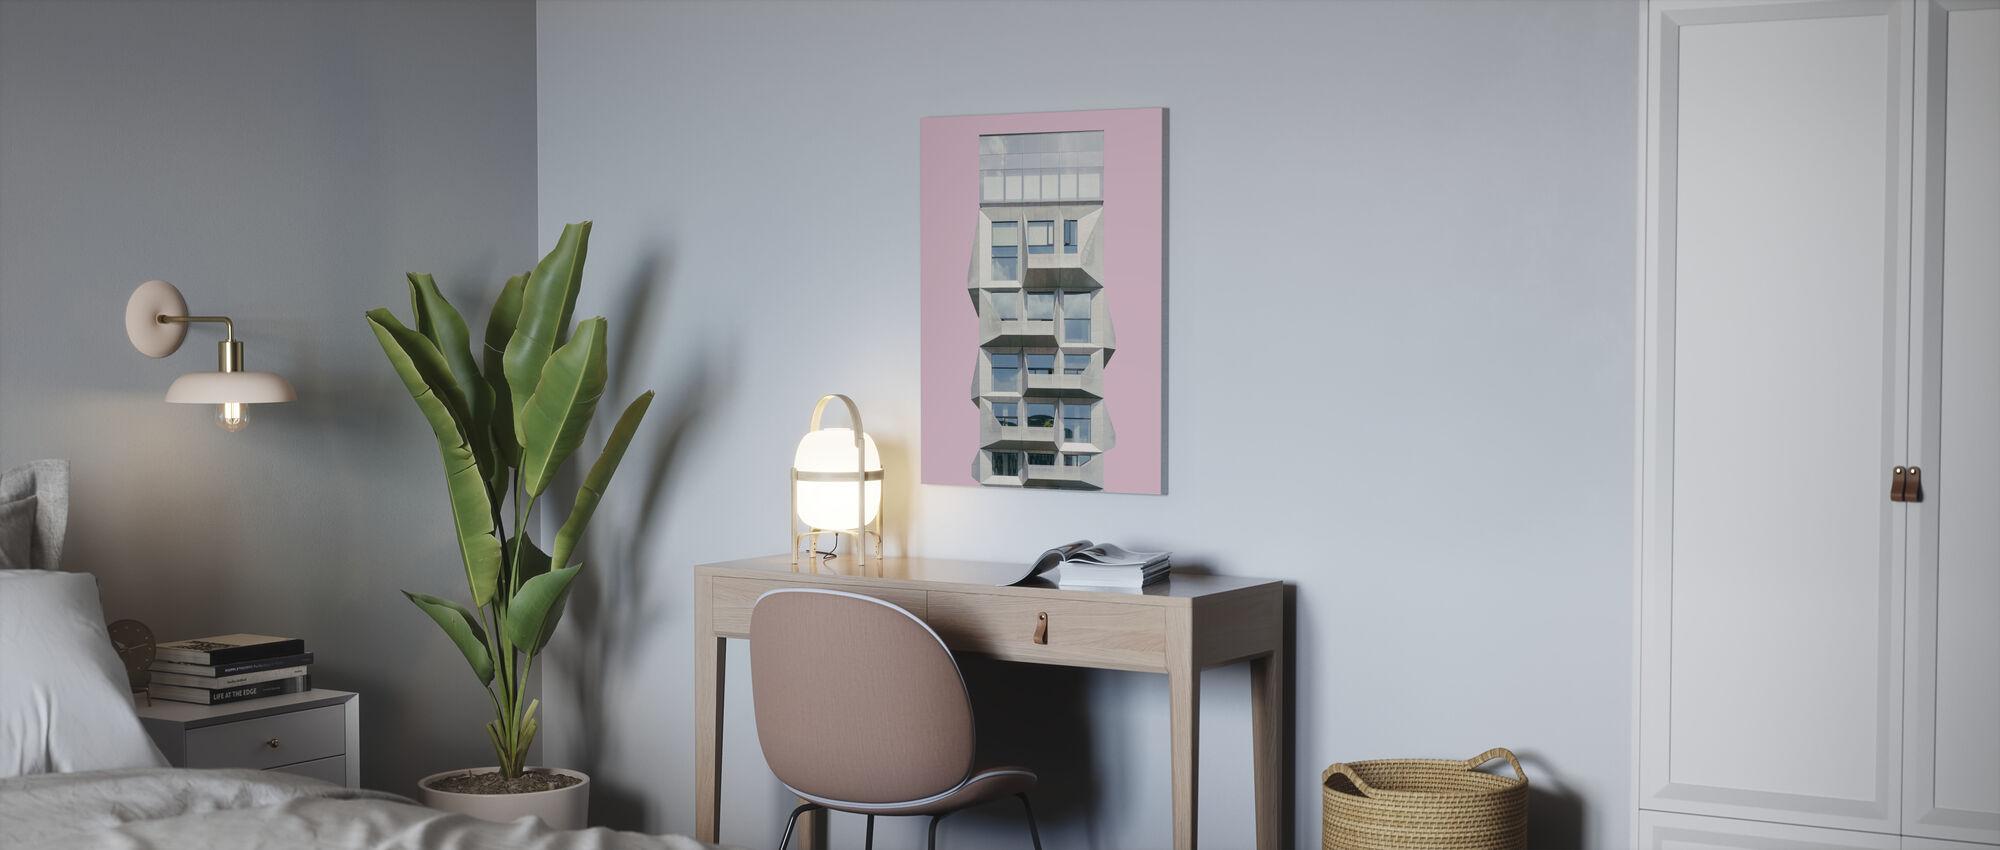 Silo i København - Lerretsbilde - Kontor